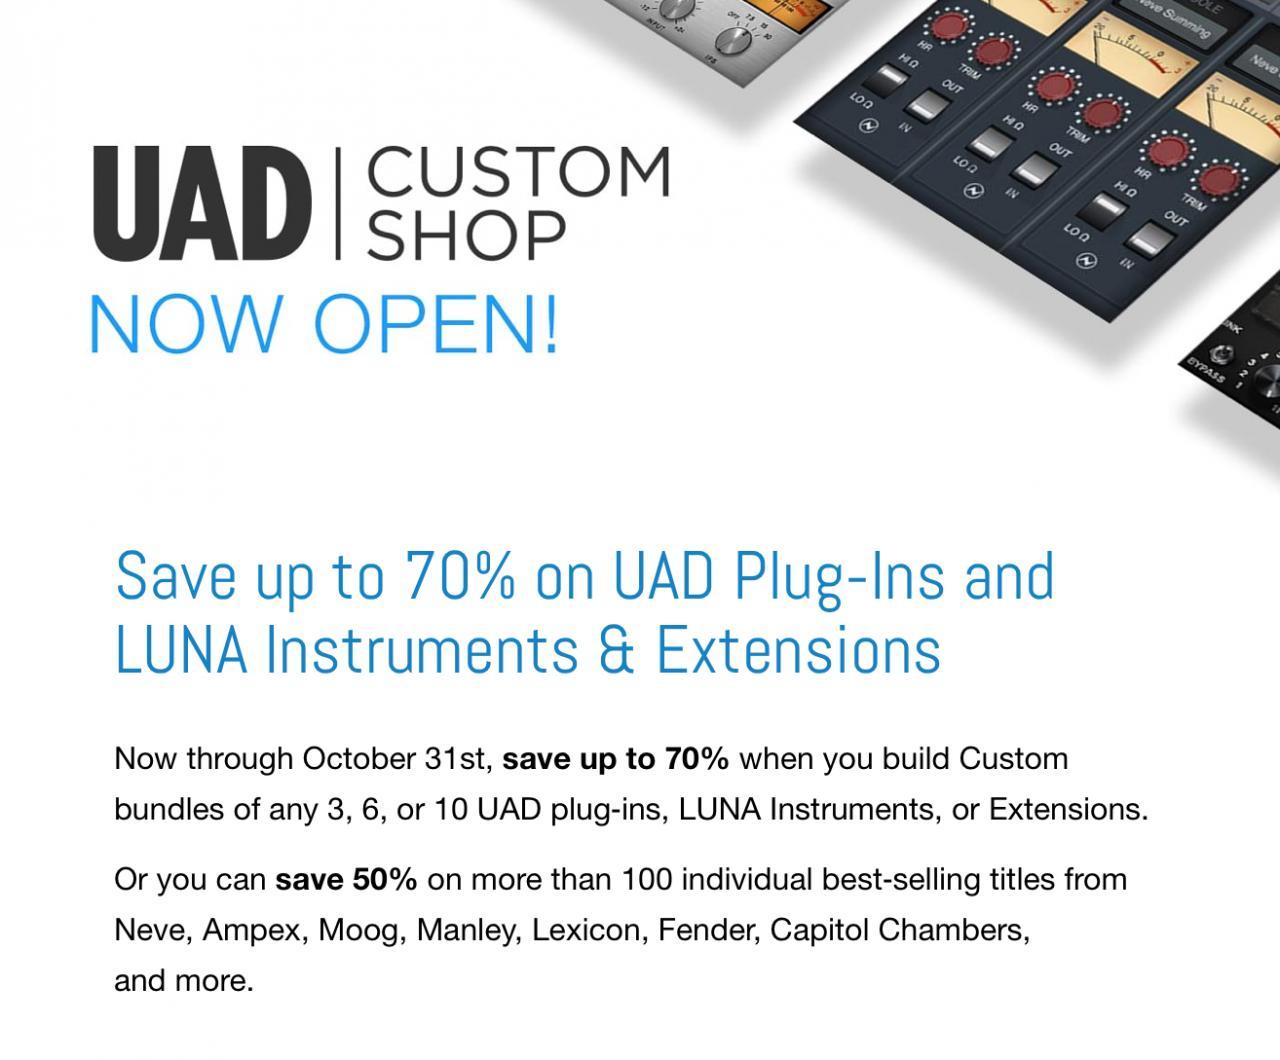 uad-customshop.png.jpg